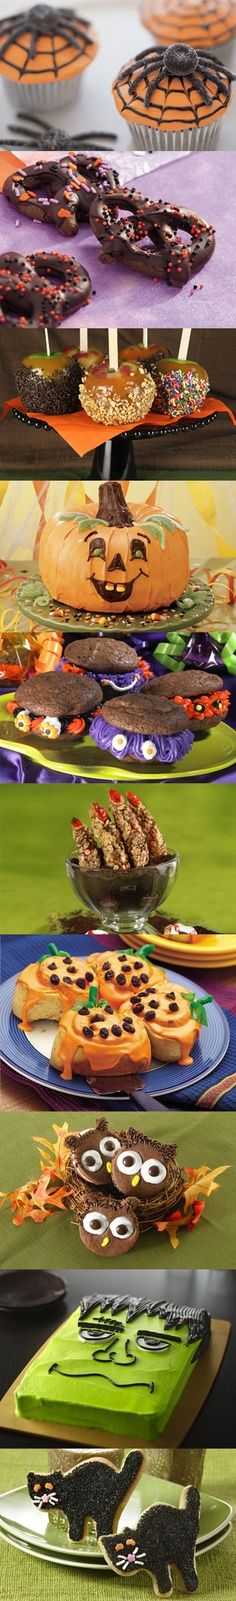 Halloween Dessert Ideas - Halloween party treats!